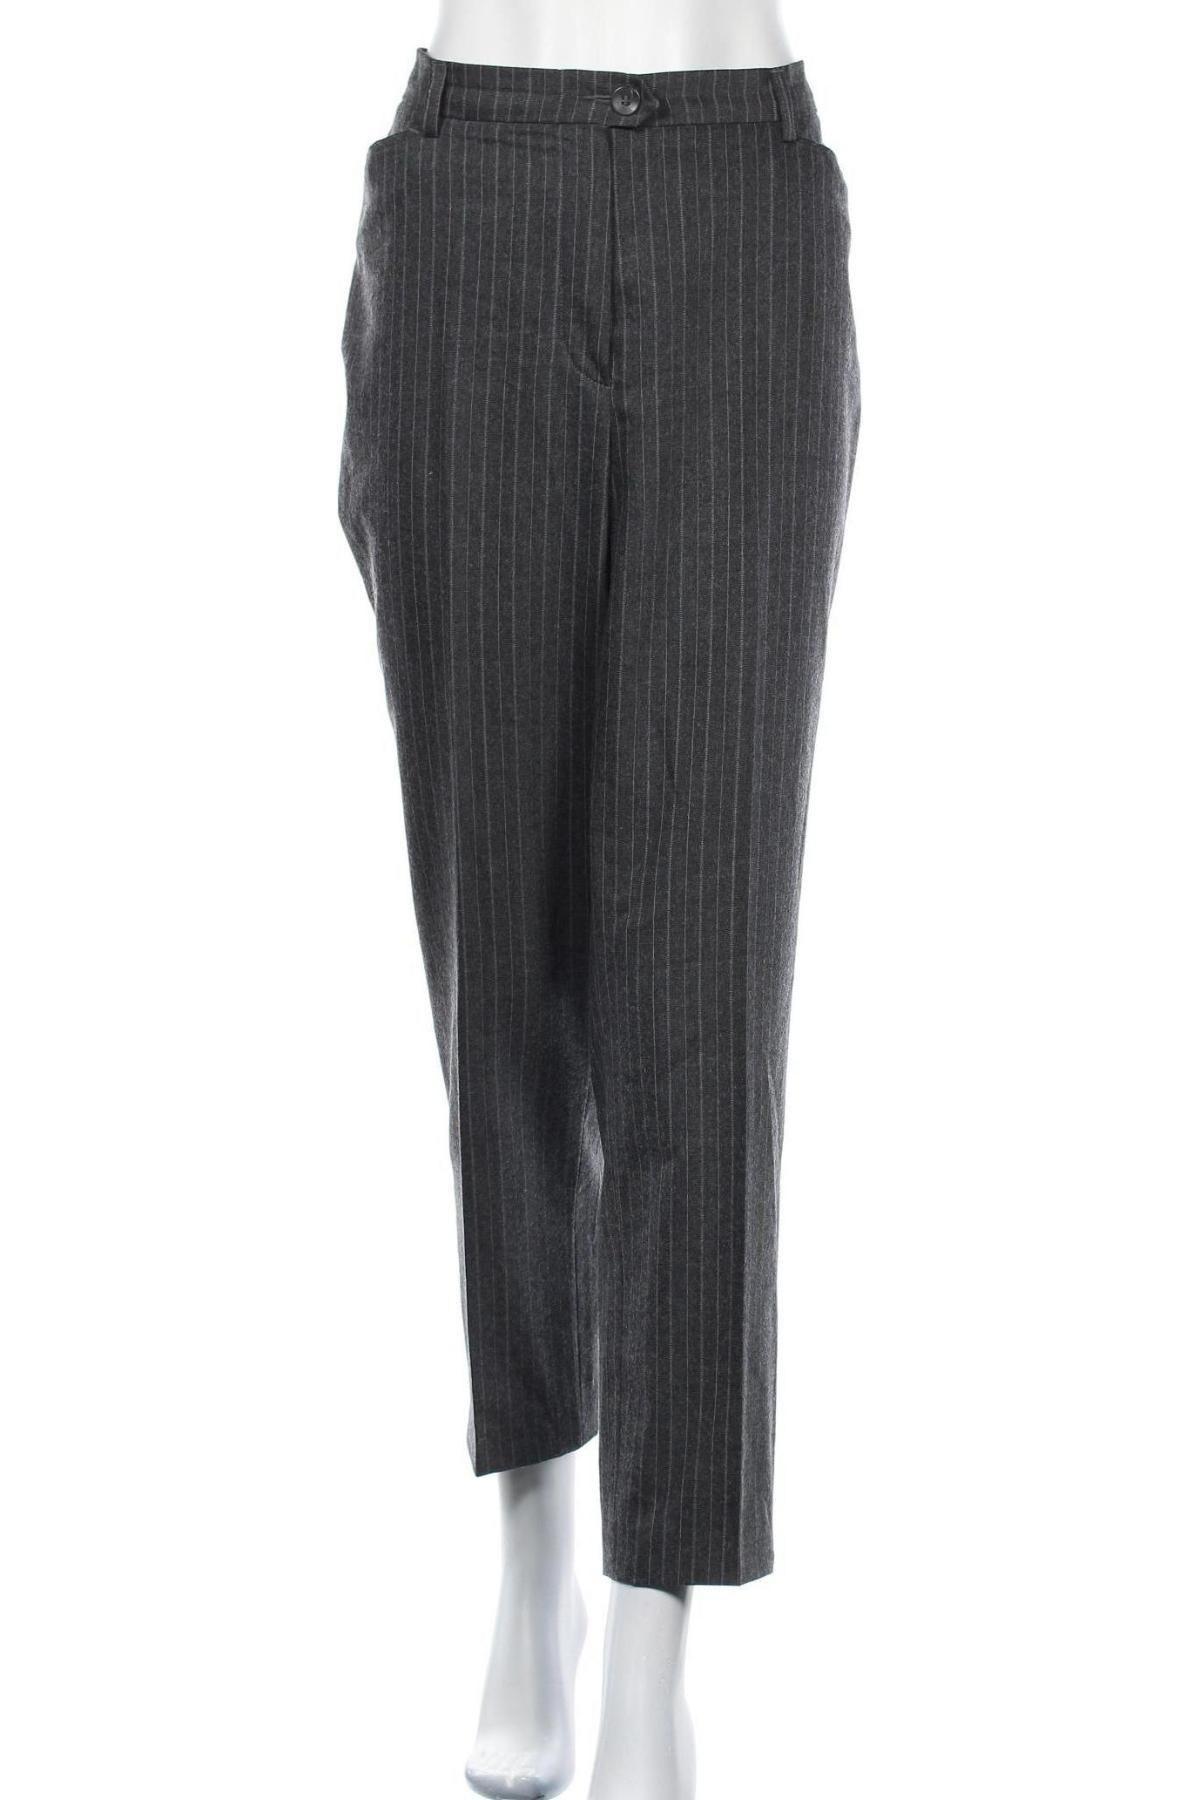 Дамски панталон Toni, Размер XL, Цвят Сив, 60% вълна, 38% полиестер, 2% еластан, Цена 15,98лв.